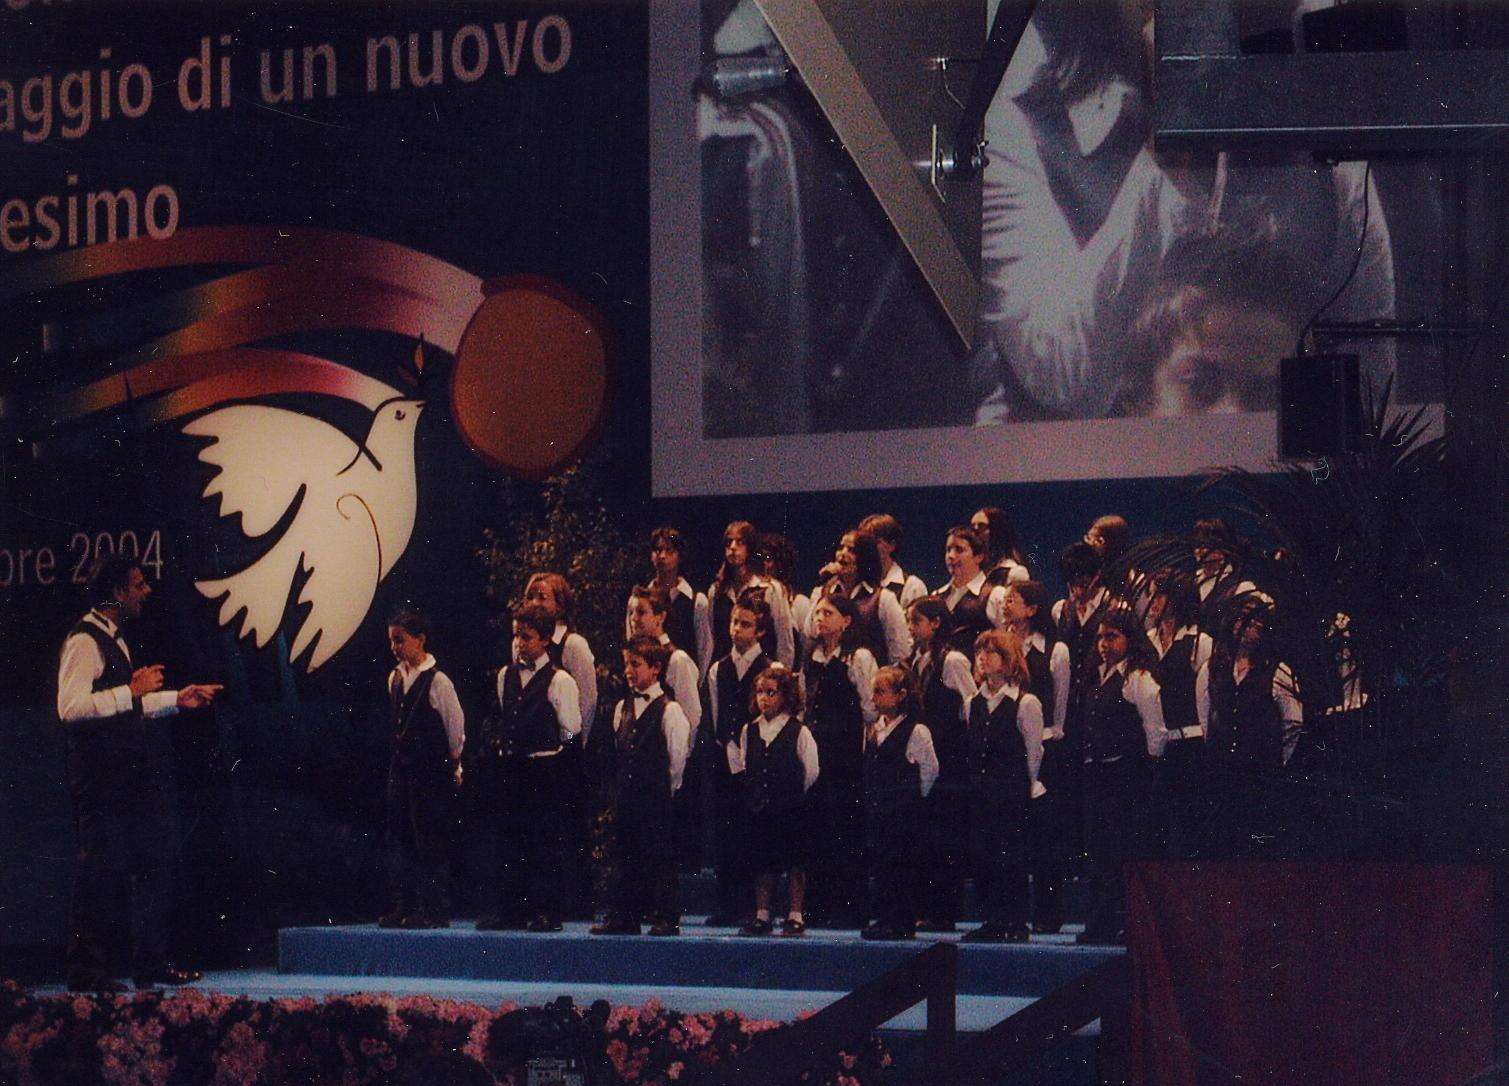 Milano Teatro Arcimboldi